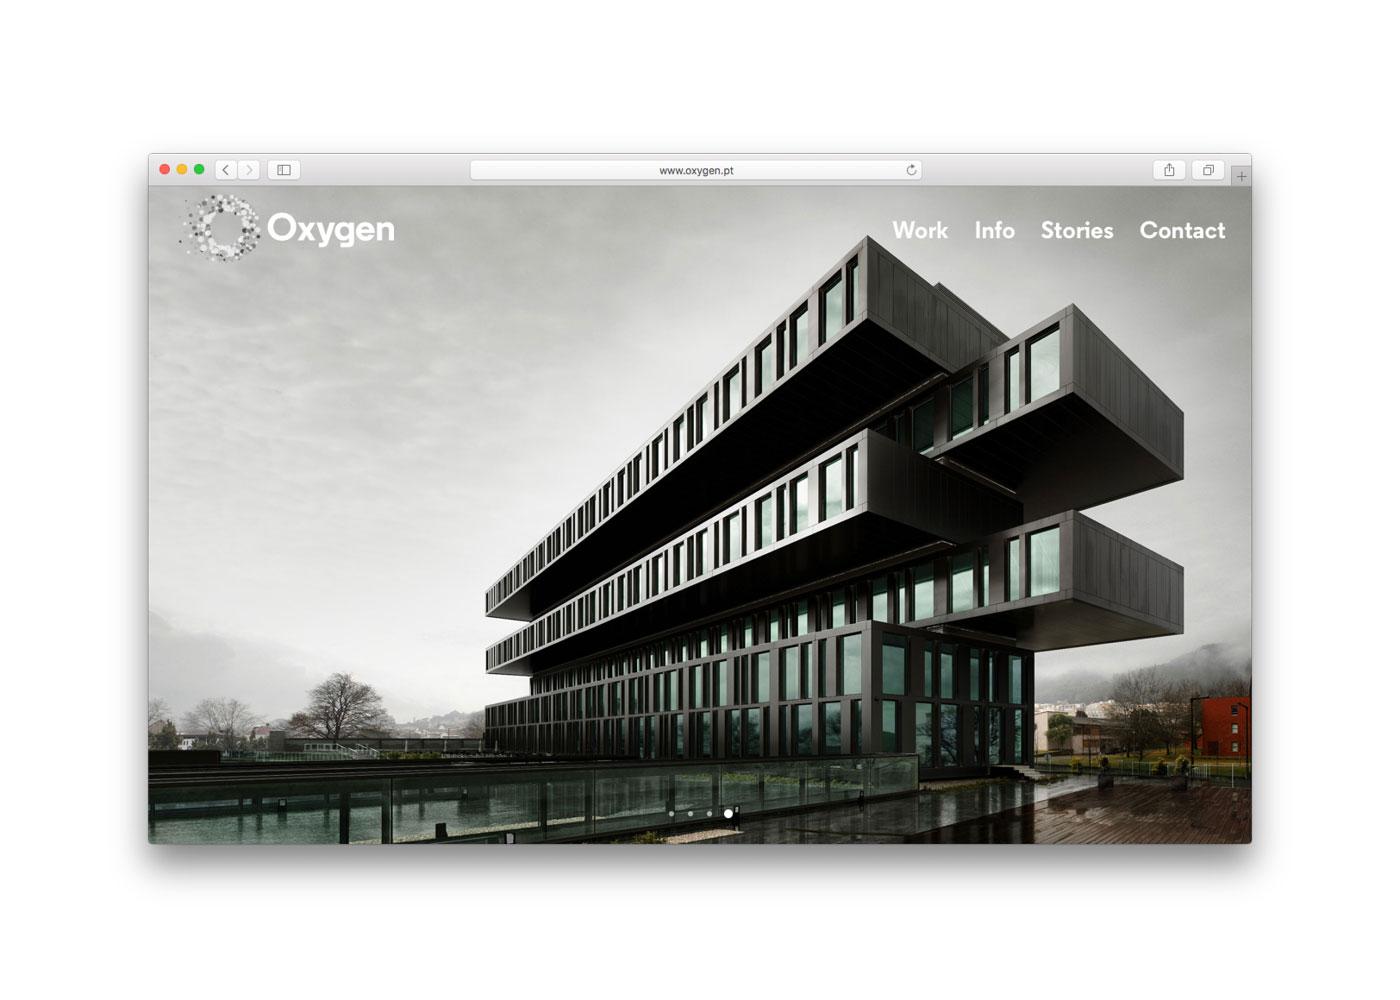 005_oxygen_web_0003_3